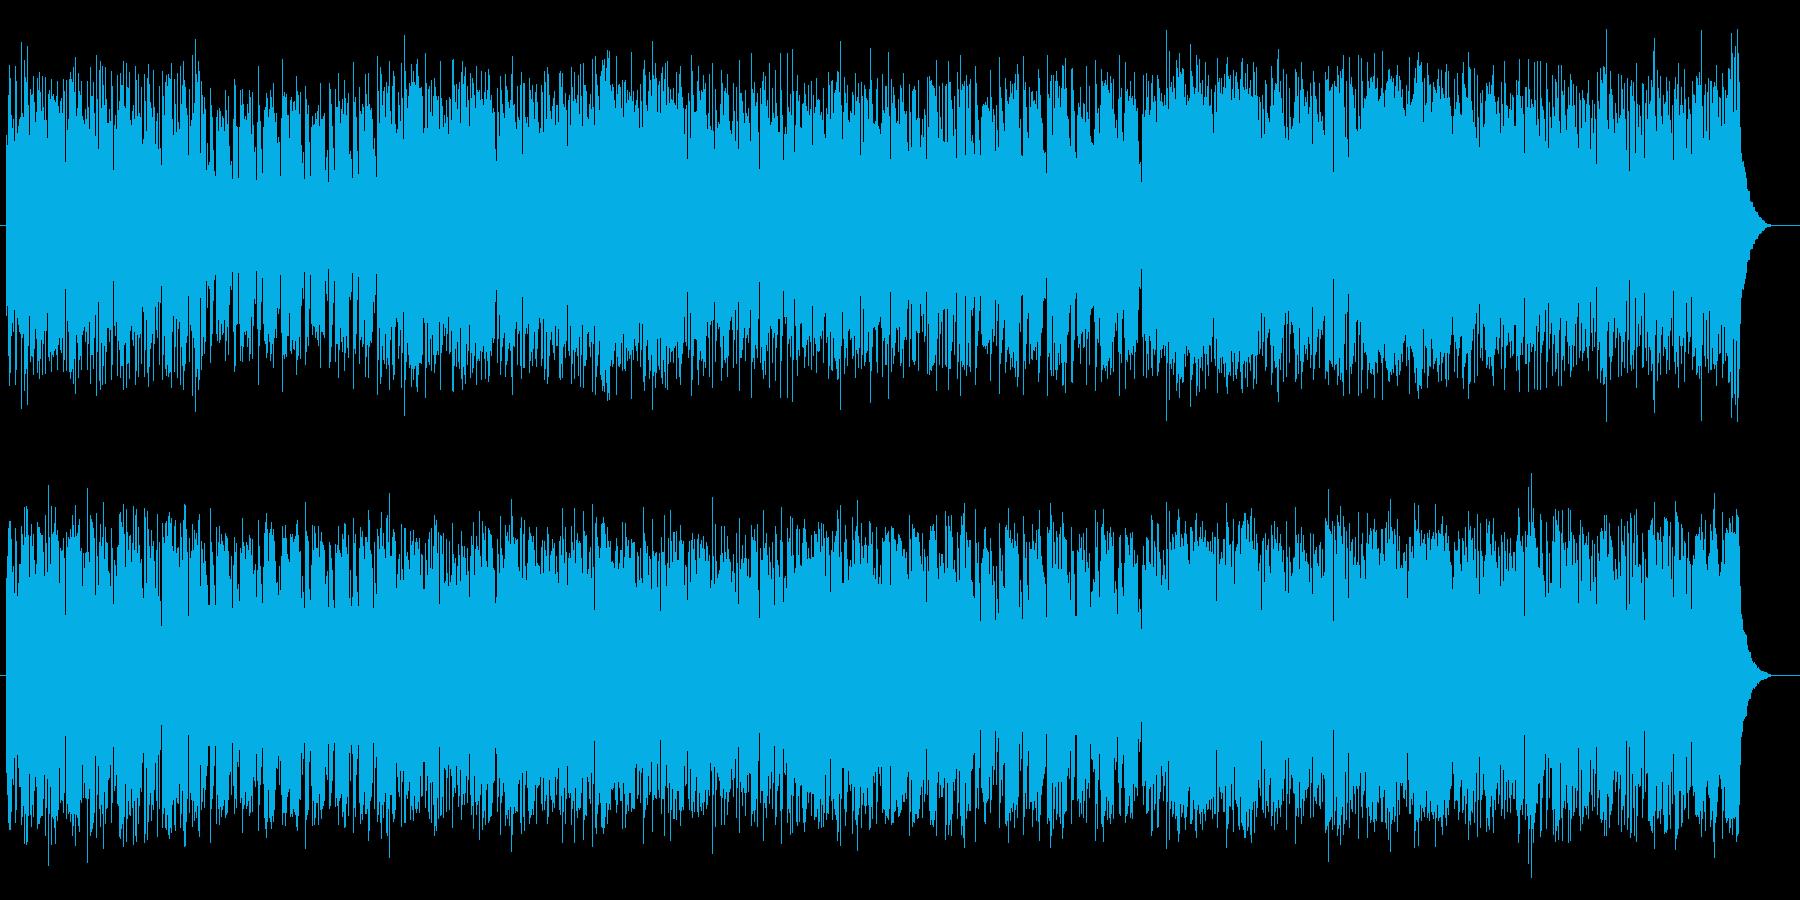 老若男女問わずに楽しめる曲の再生済みの波形